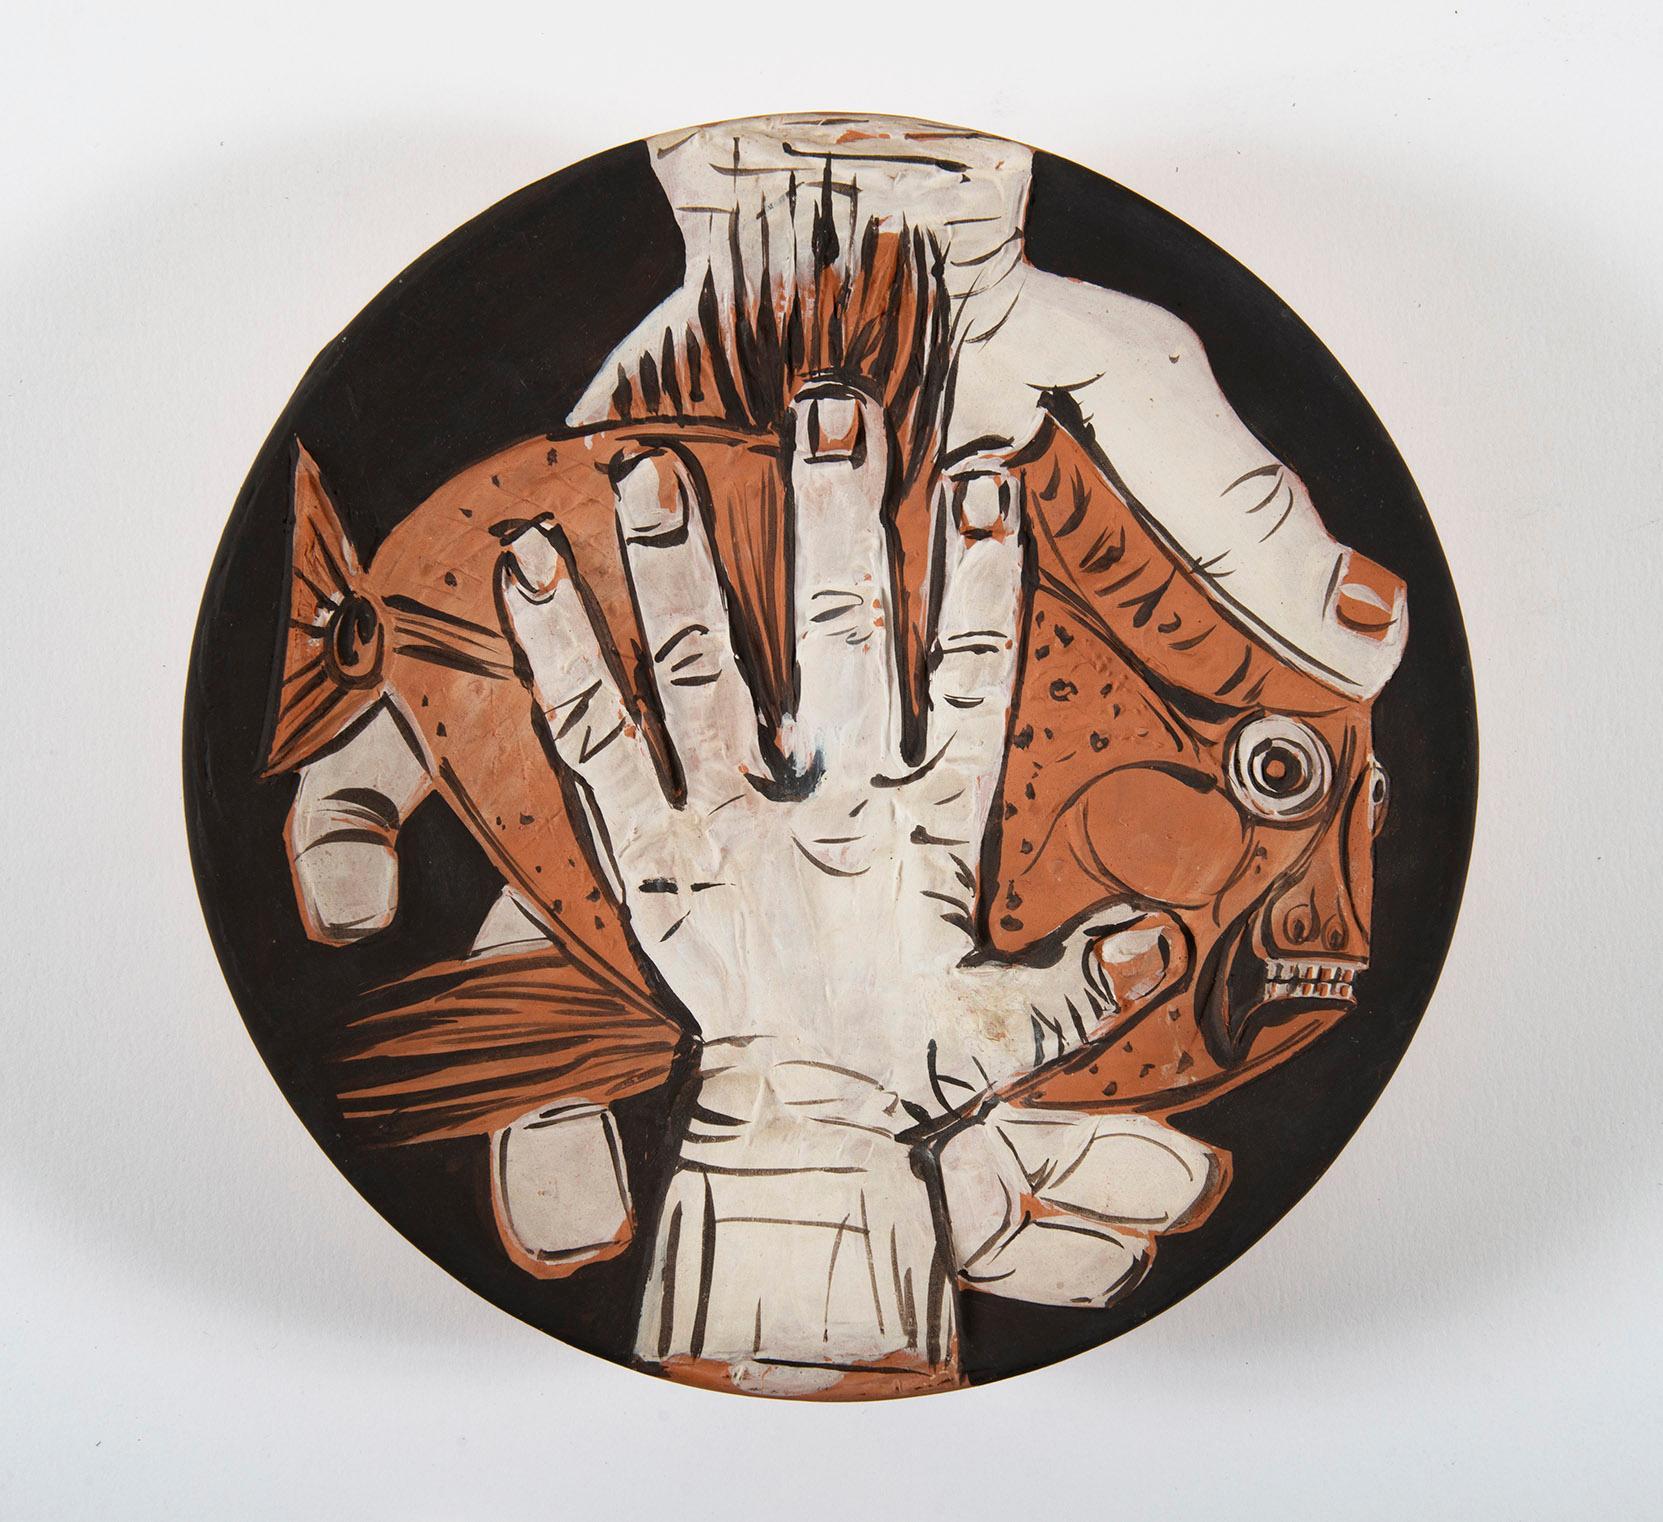 Mains au Poisson, Pablo Picasso, 1950's, Ceramic, Multiples, Design, Interior